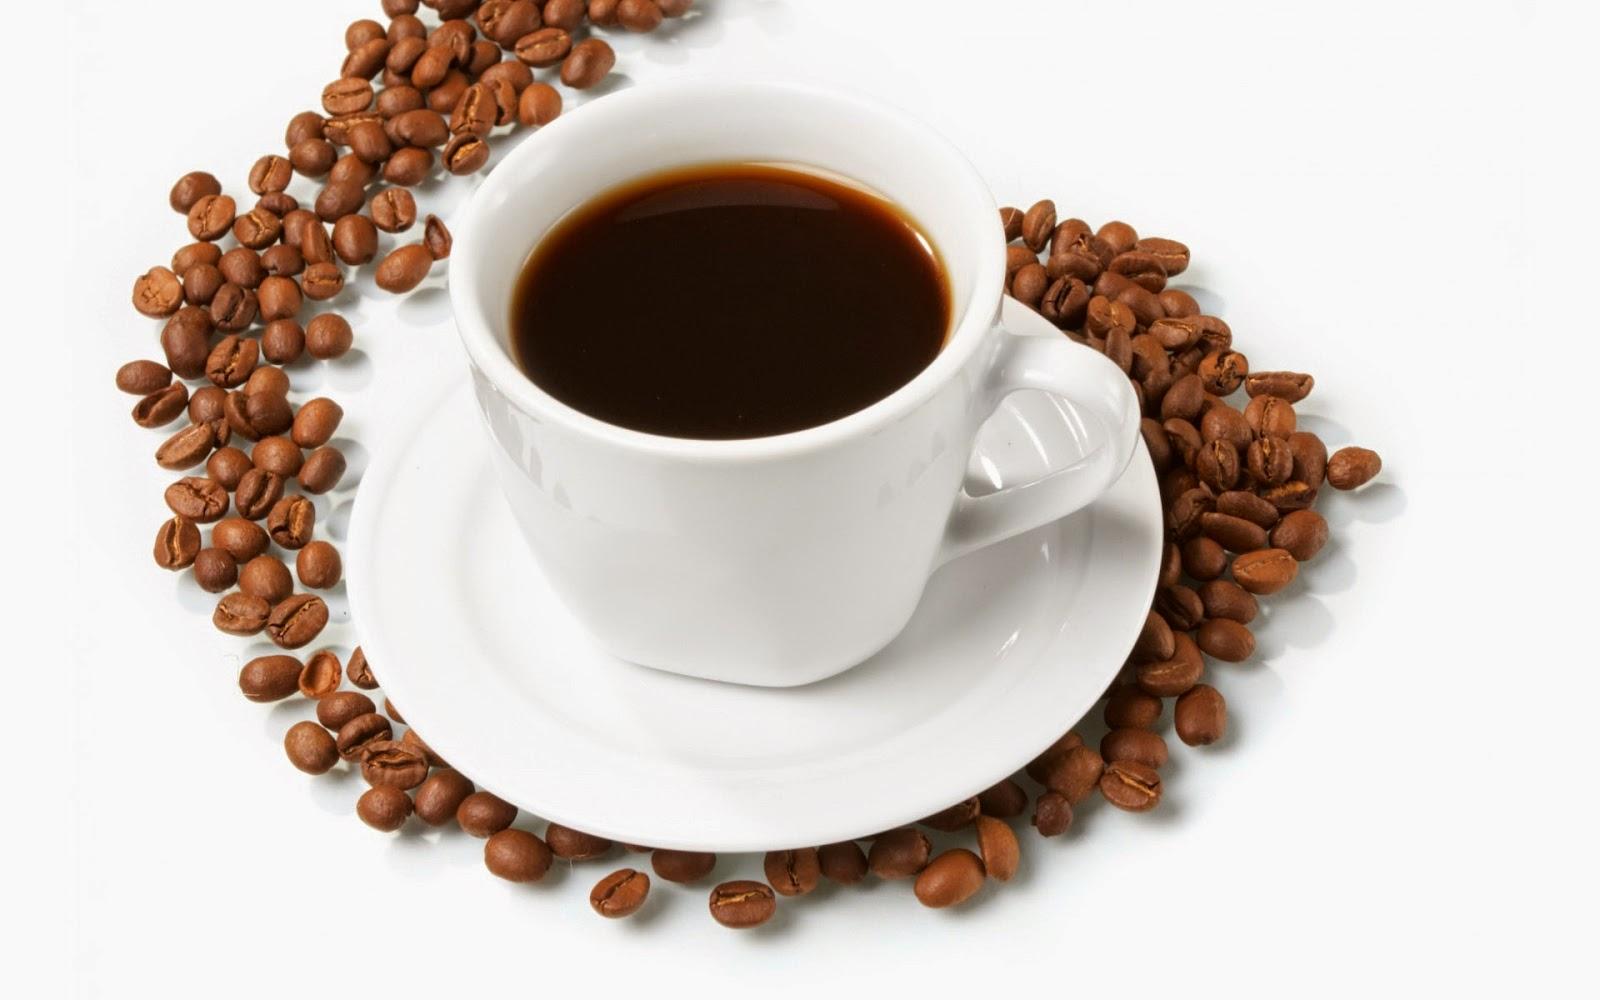 desktop-wallpapers-of-coffee - Coffee PNG HD